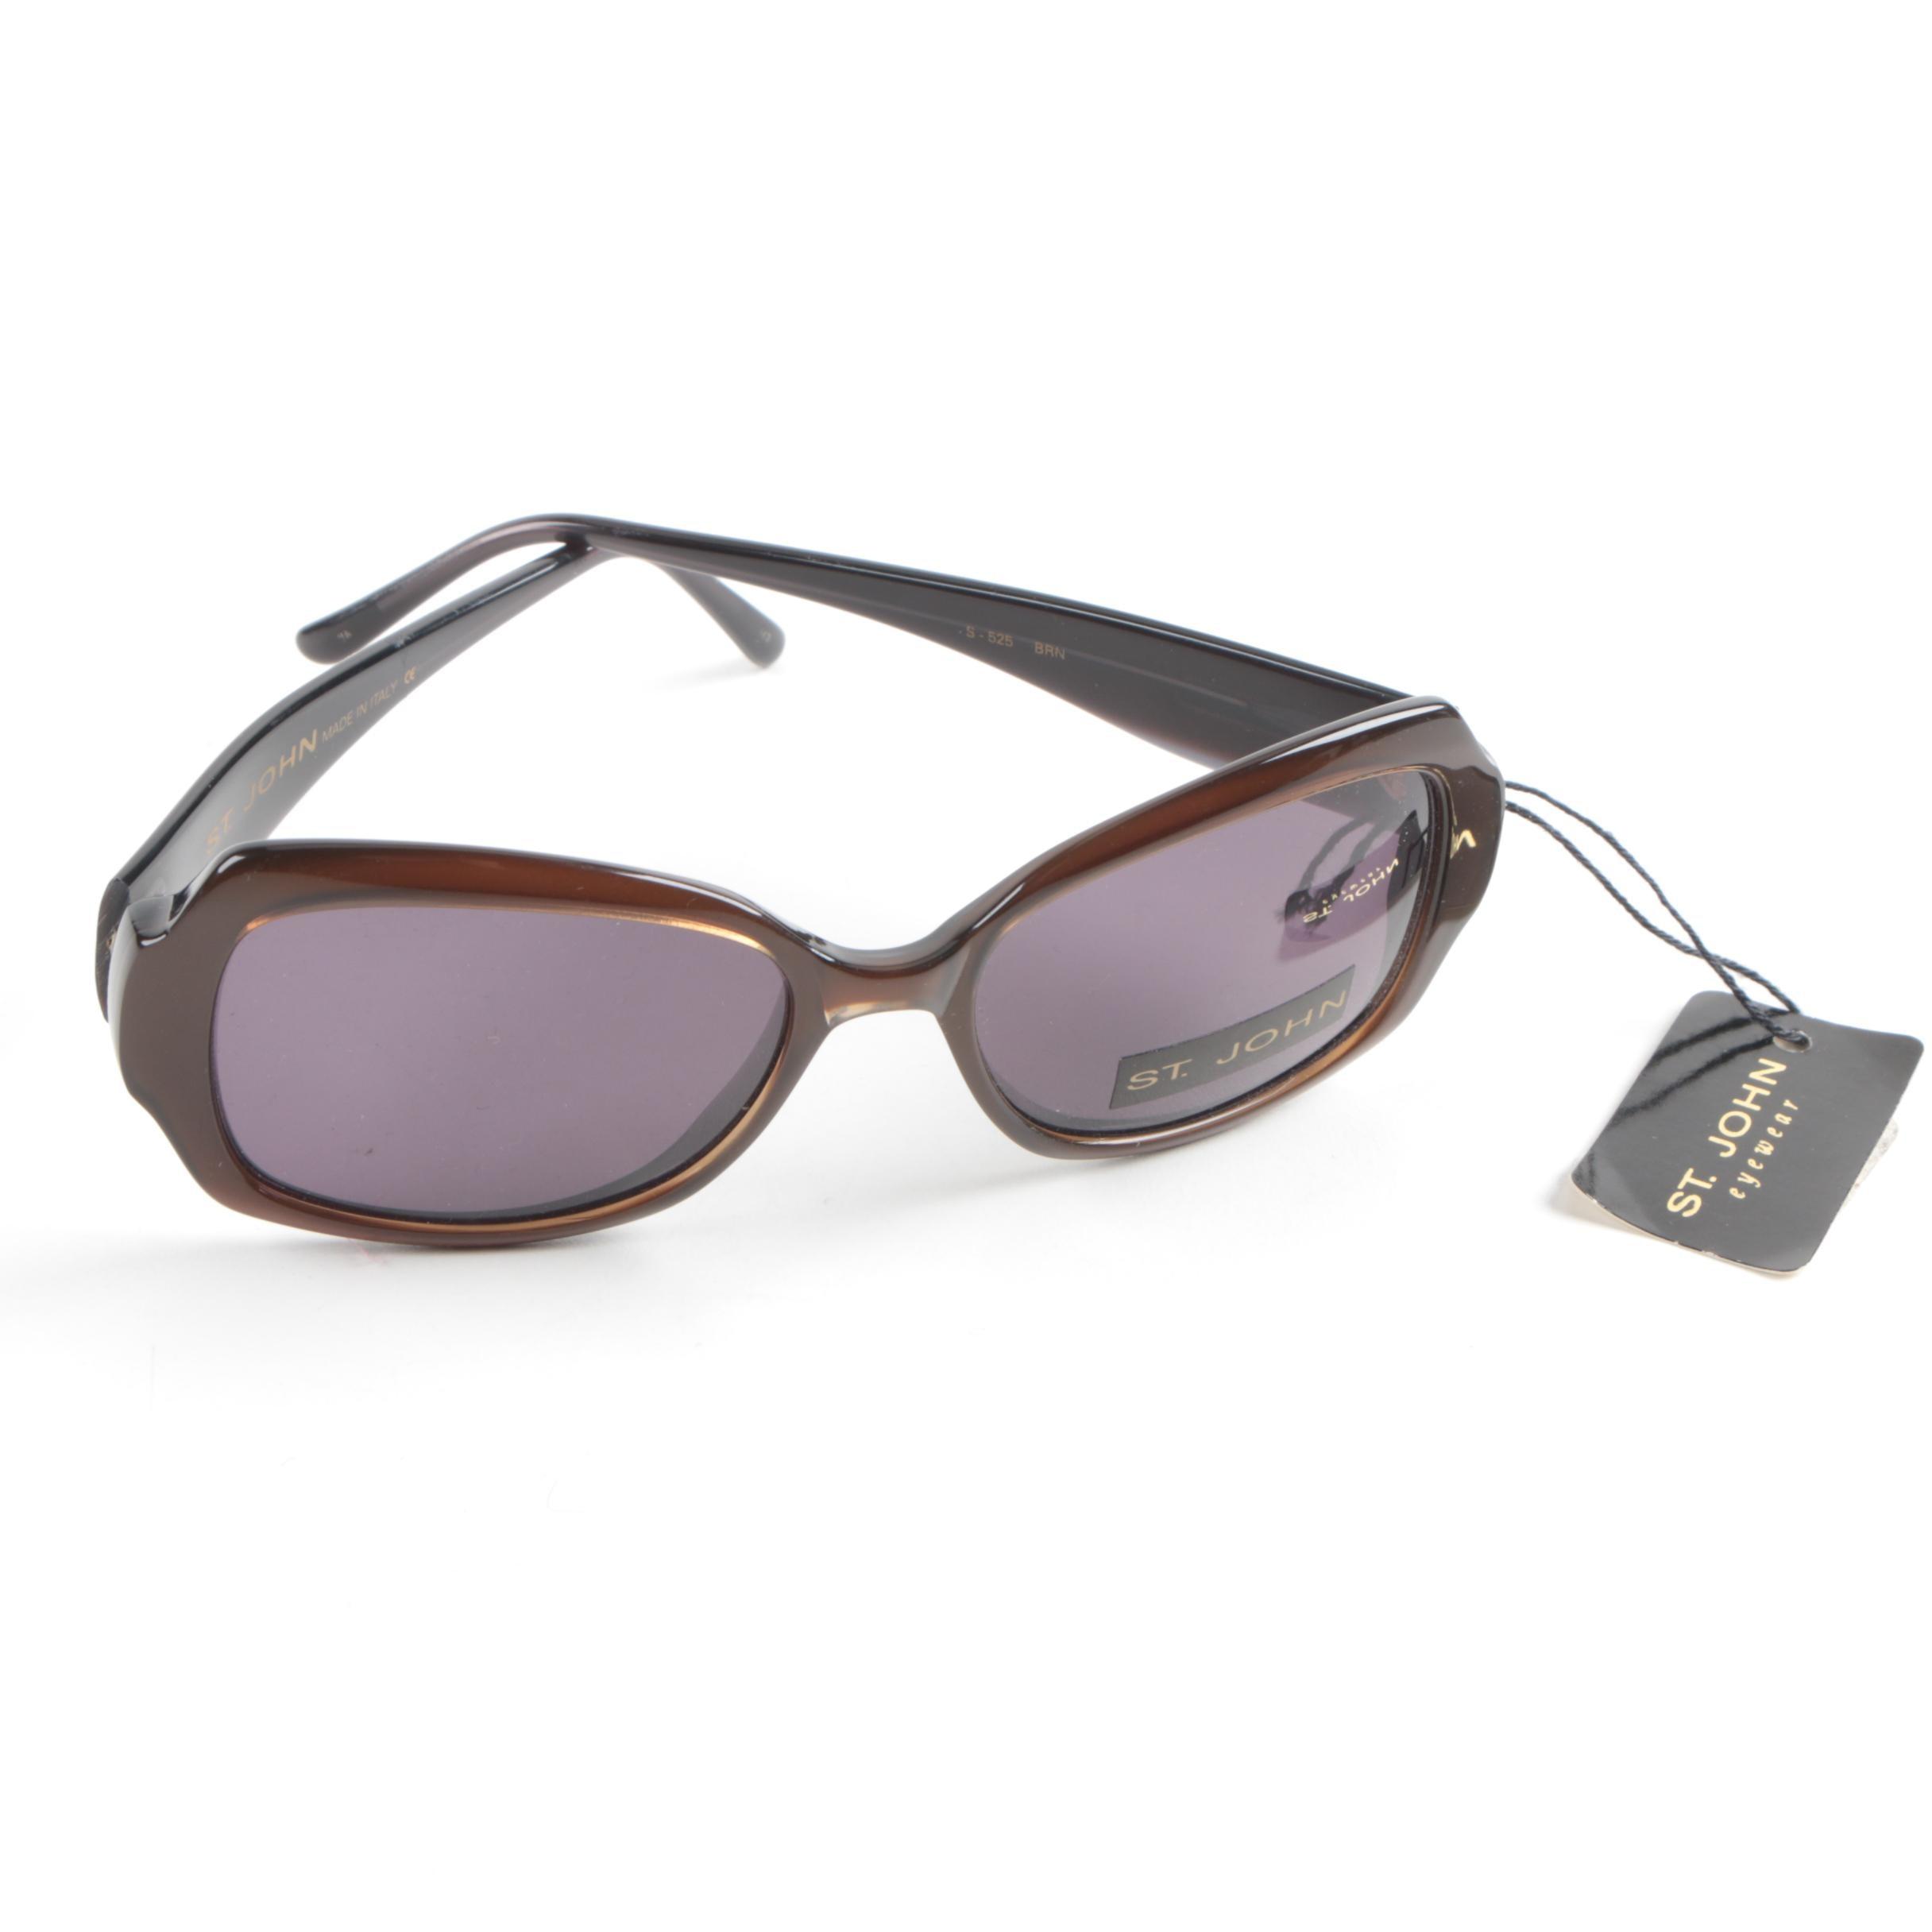 Women's St. John S-525 Sunglasses